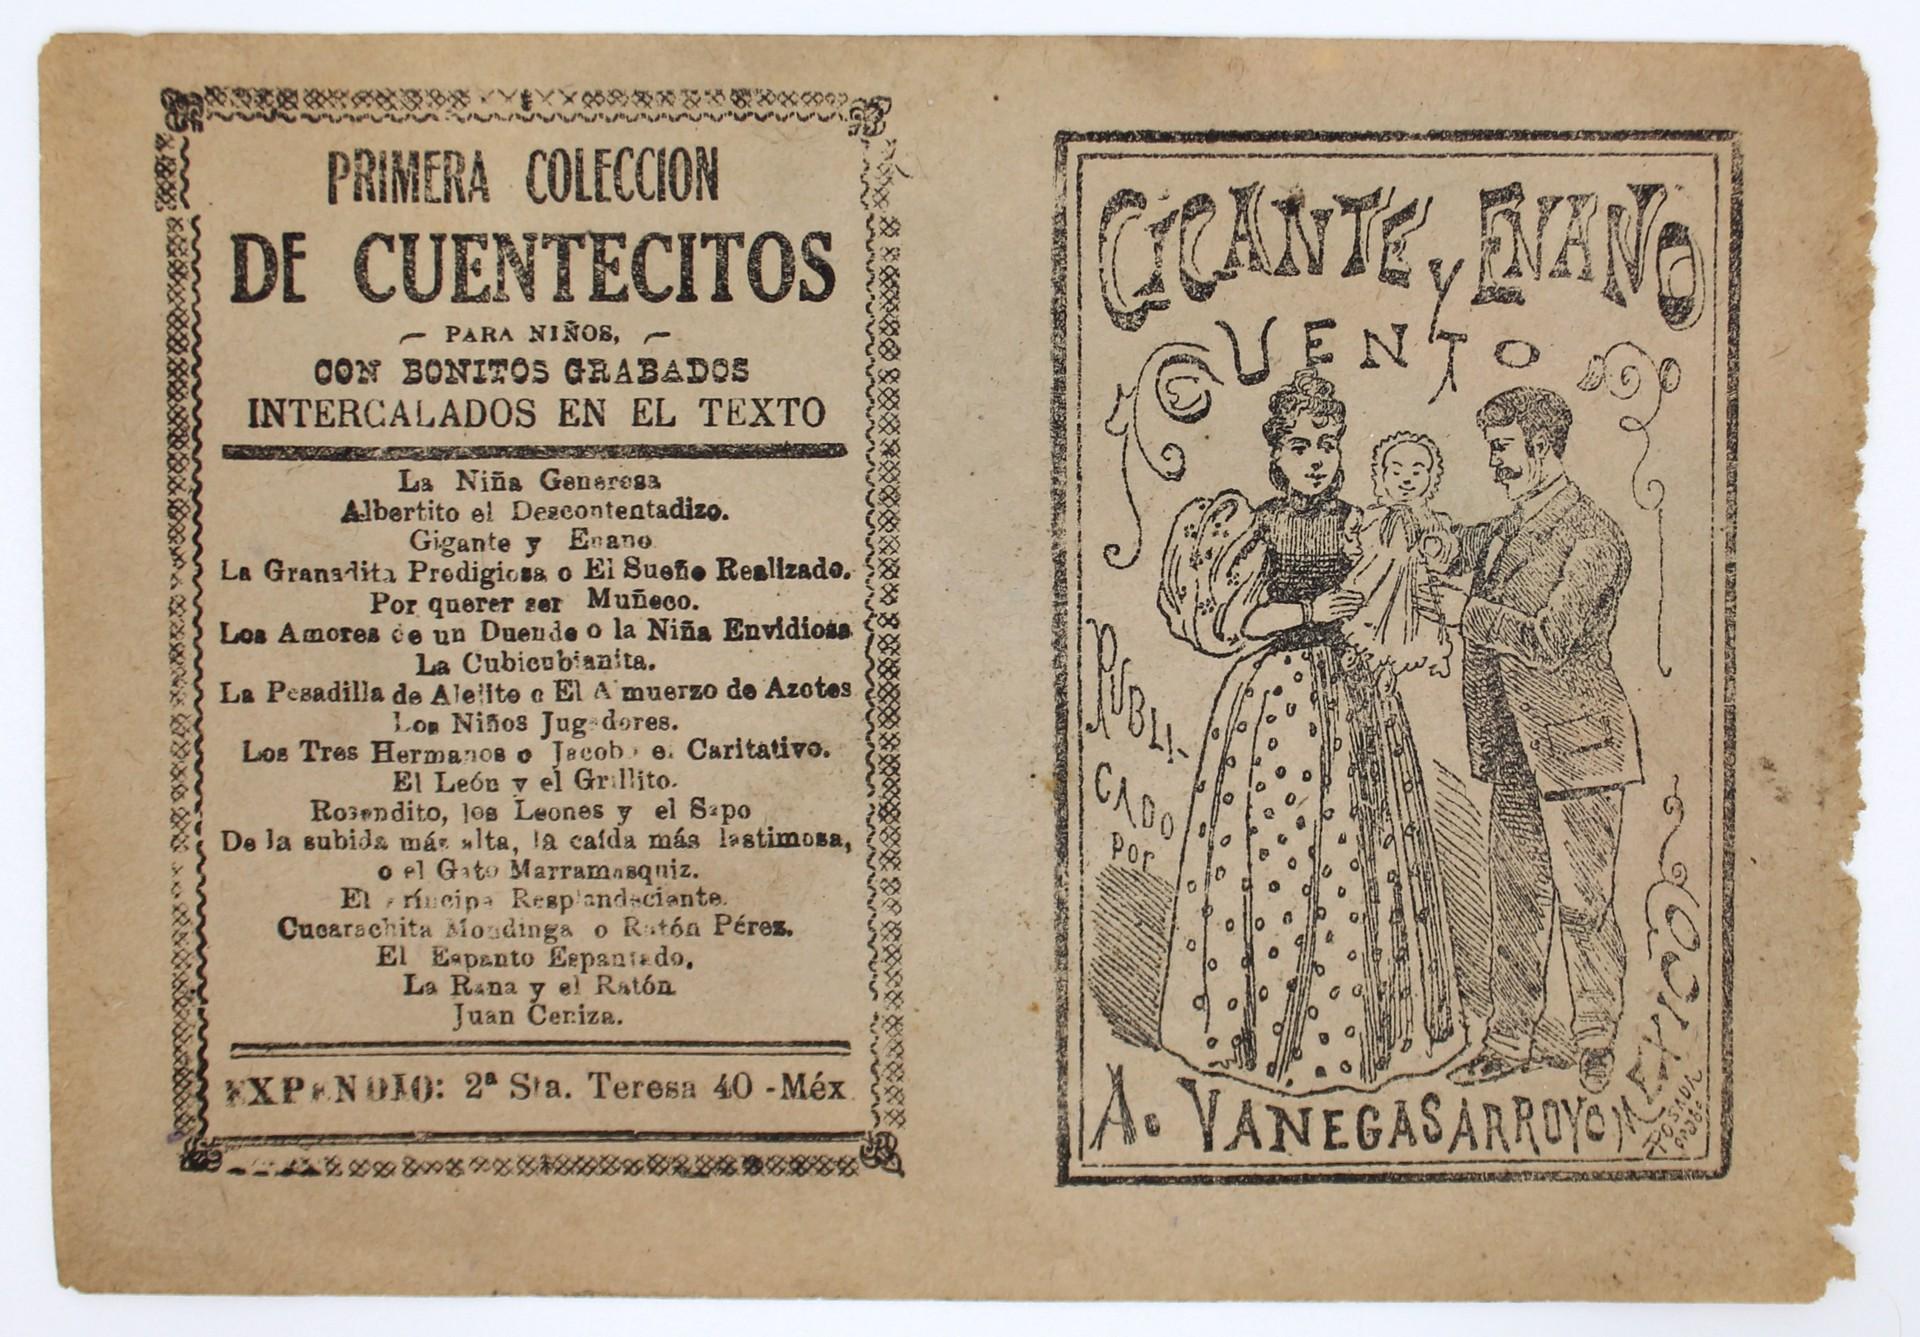 Gigante y Enano by José Guadalupe Posada (1852 - 1913)